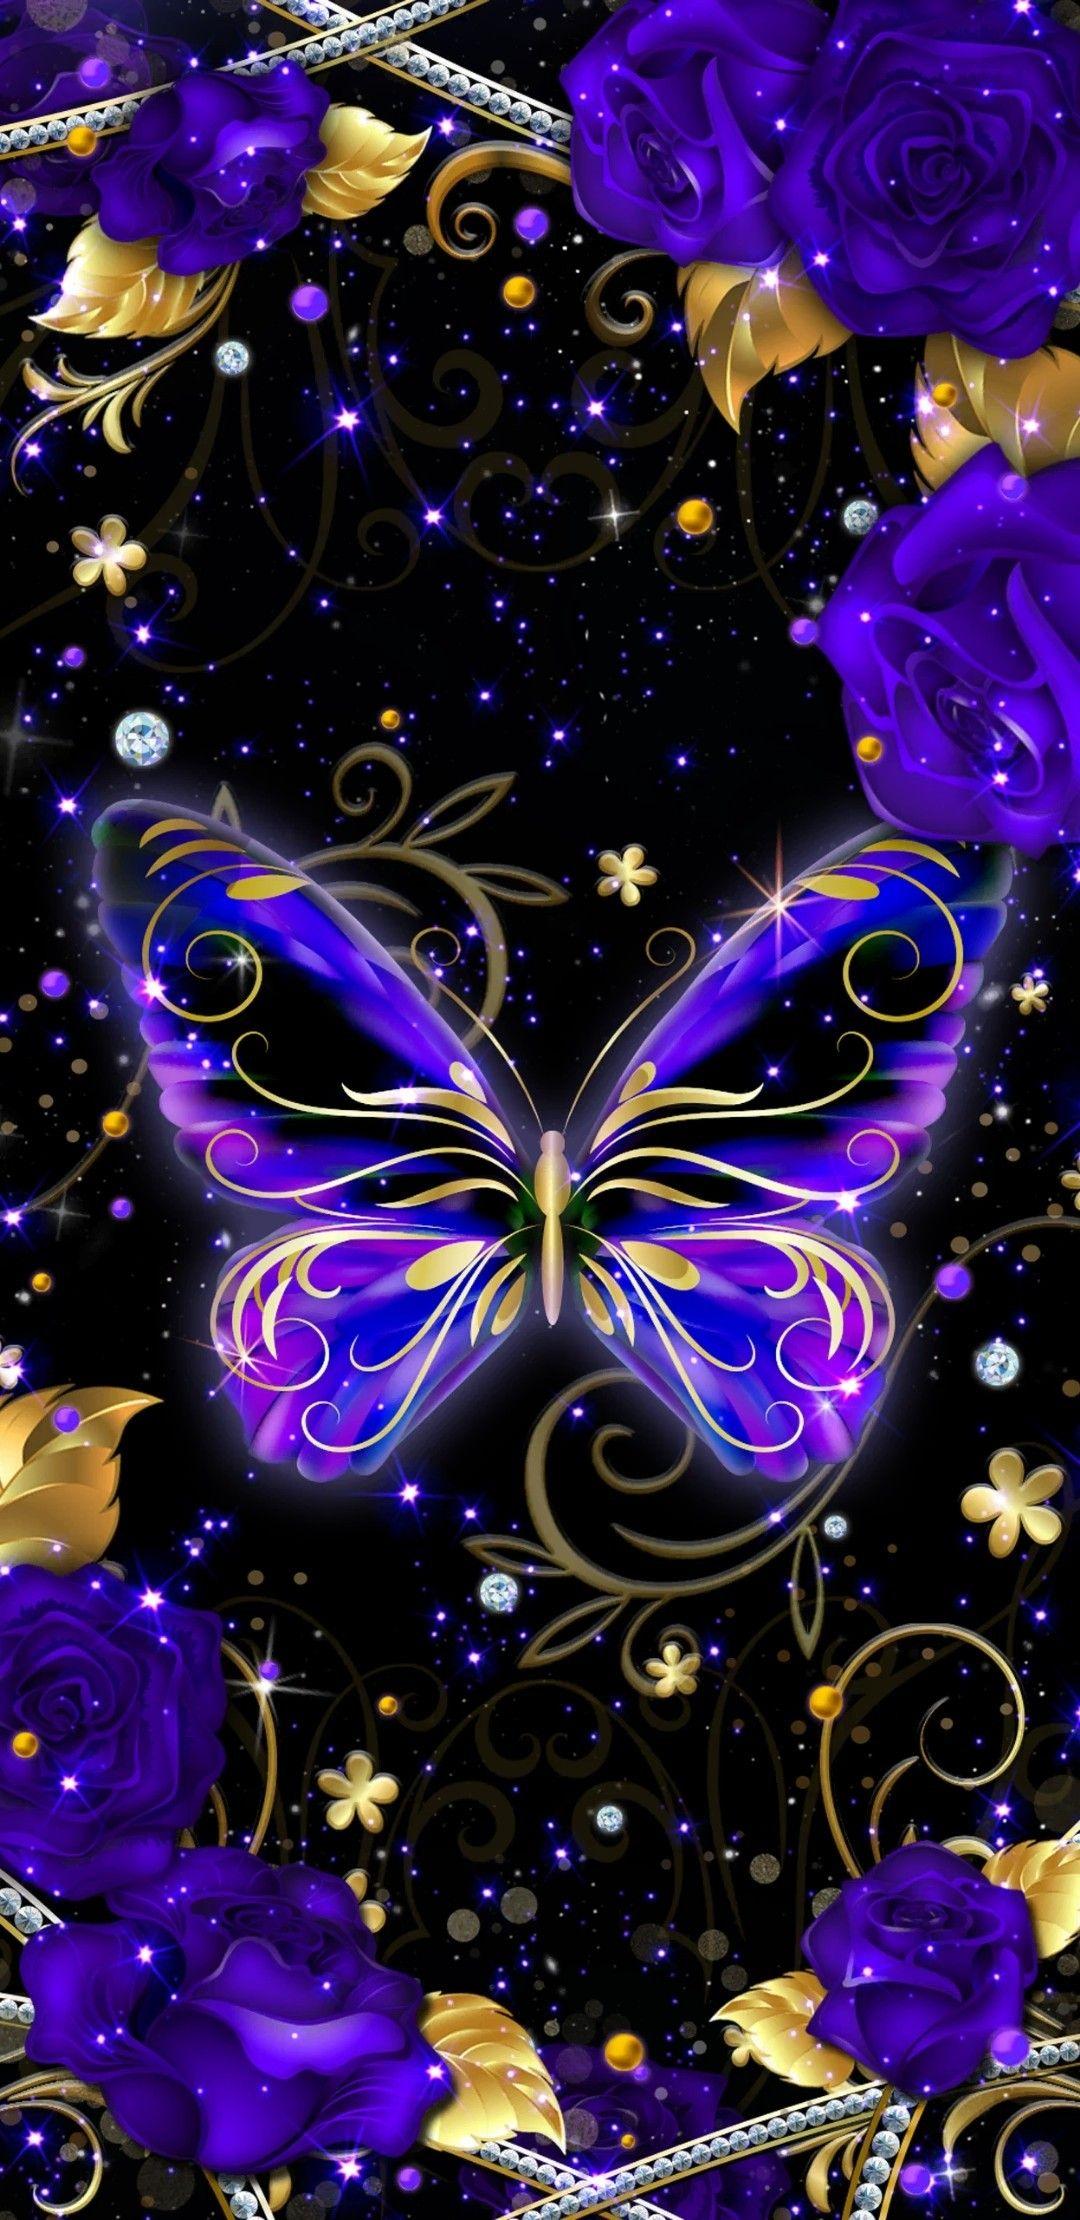 Purple Glitter Butterfly Wallpaper - Download Free Mock-up